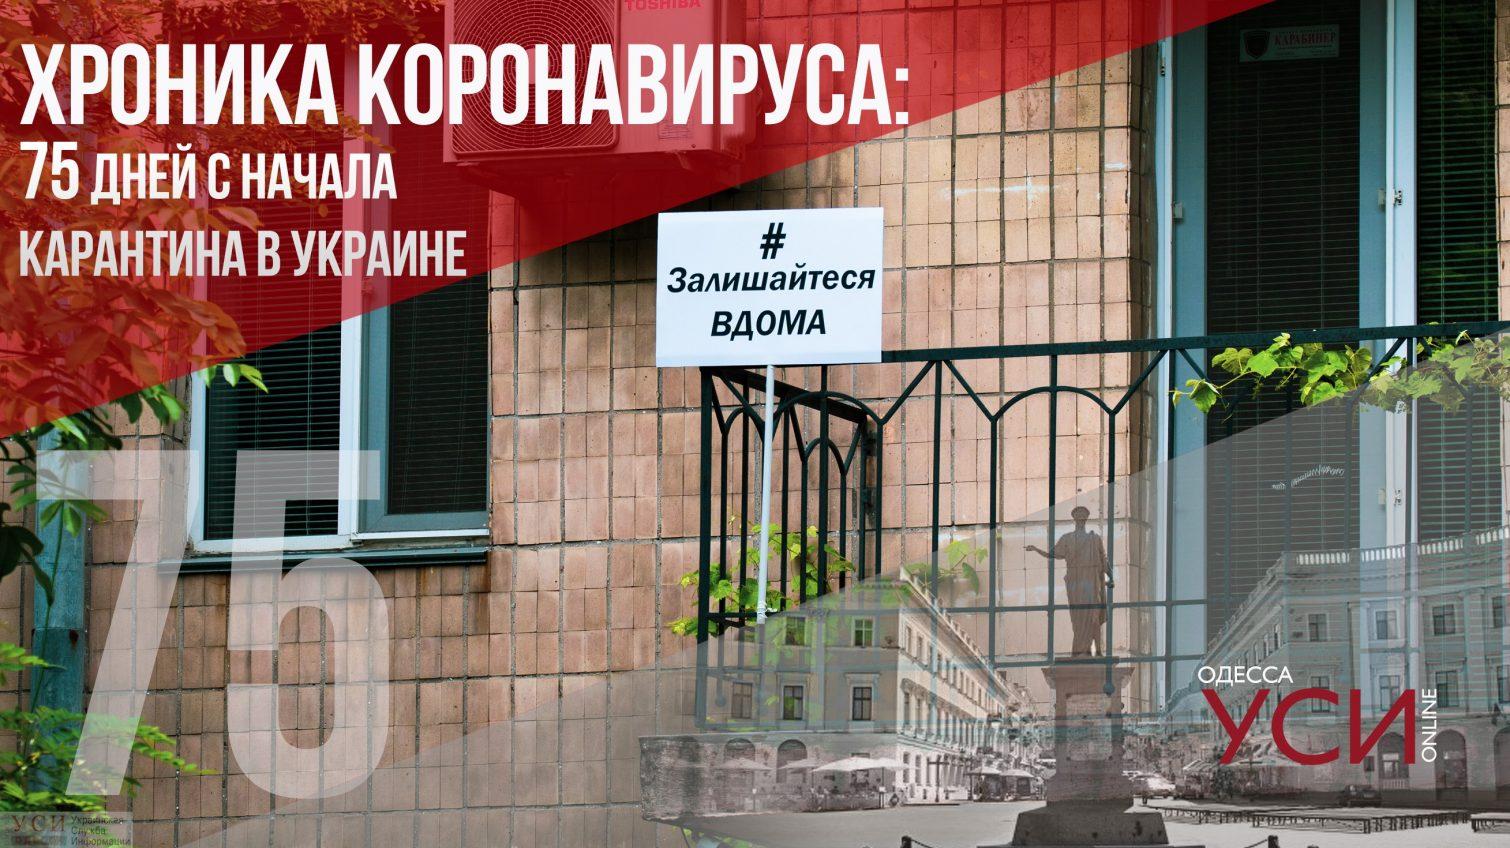 Хроника коронавируса: 75 день карантина в Украине ОБНОВЛЯЕТСЯ «фото»